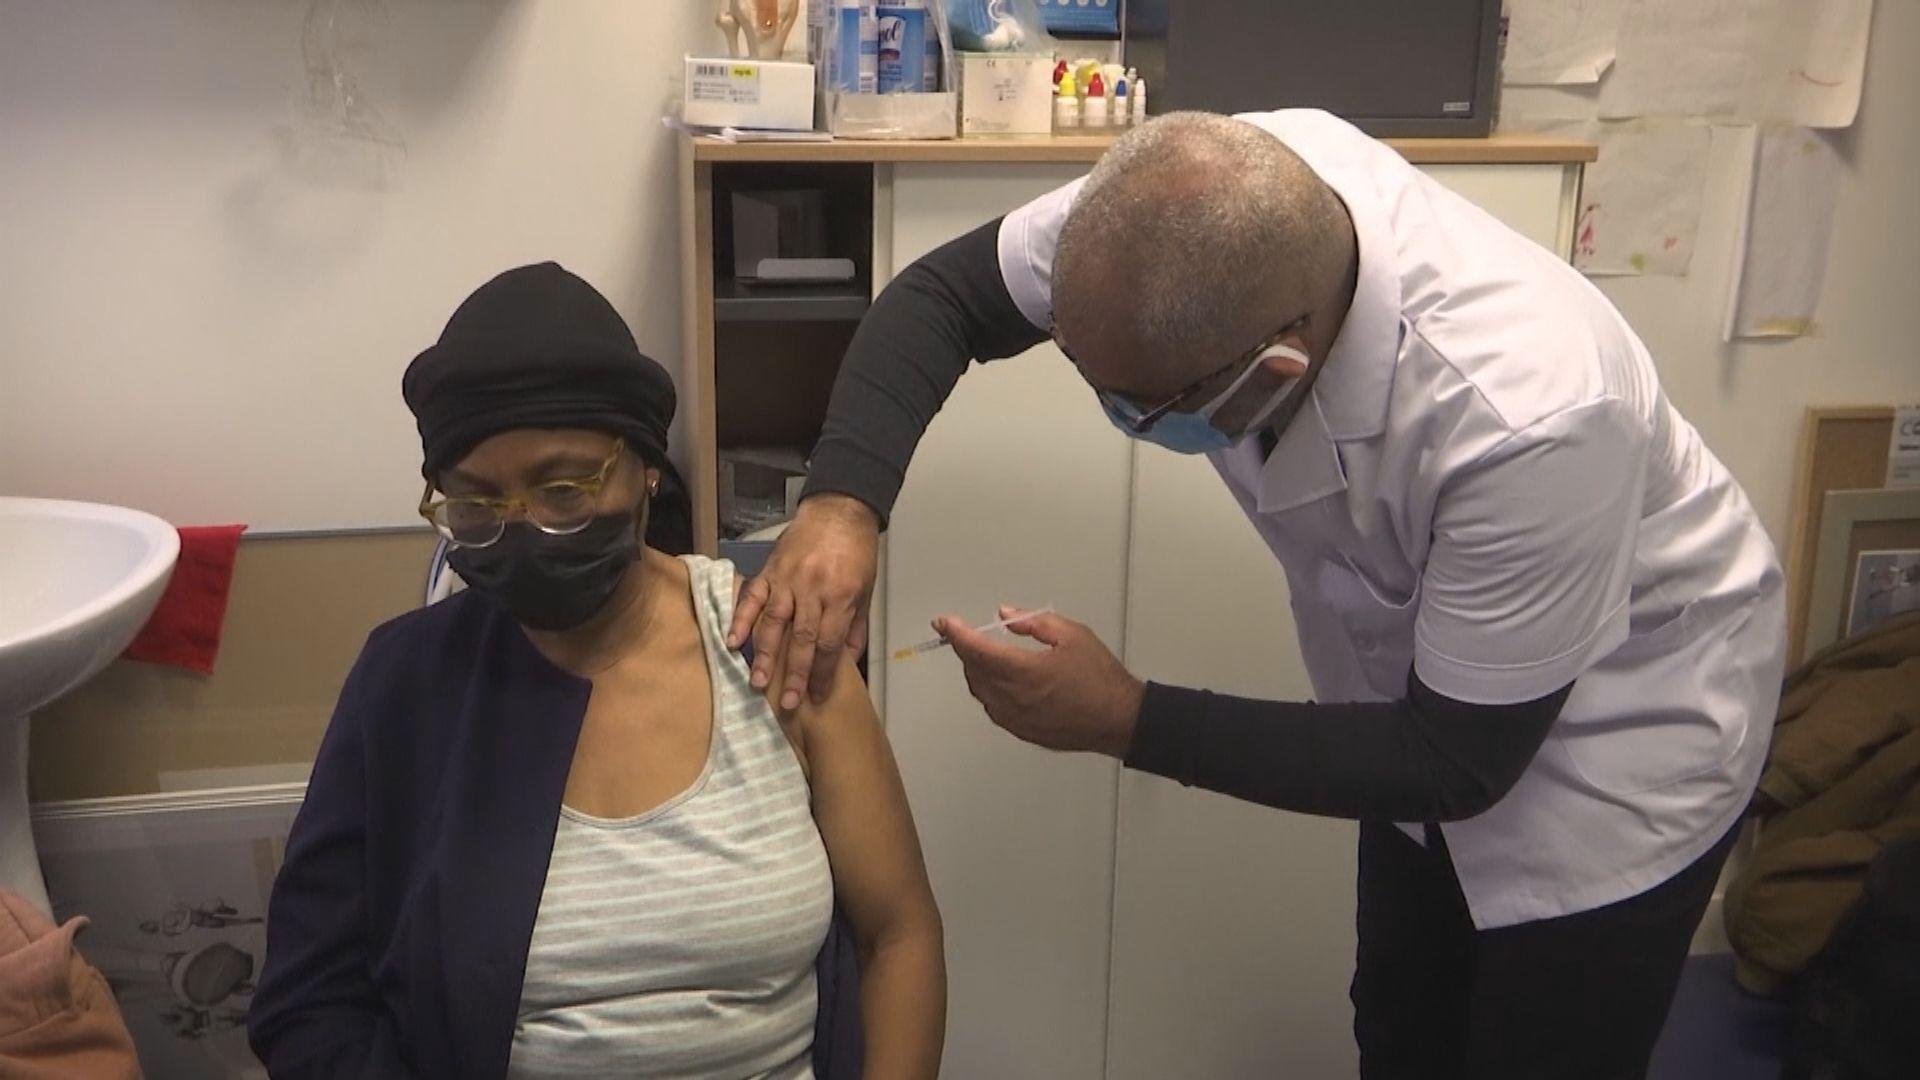 法國准65歲或以上人士接種阿斯利康疫苗